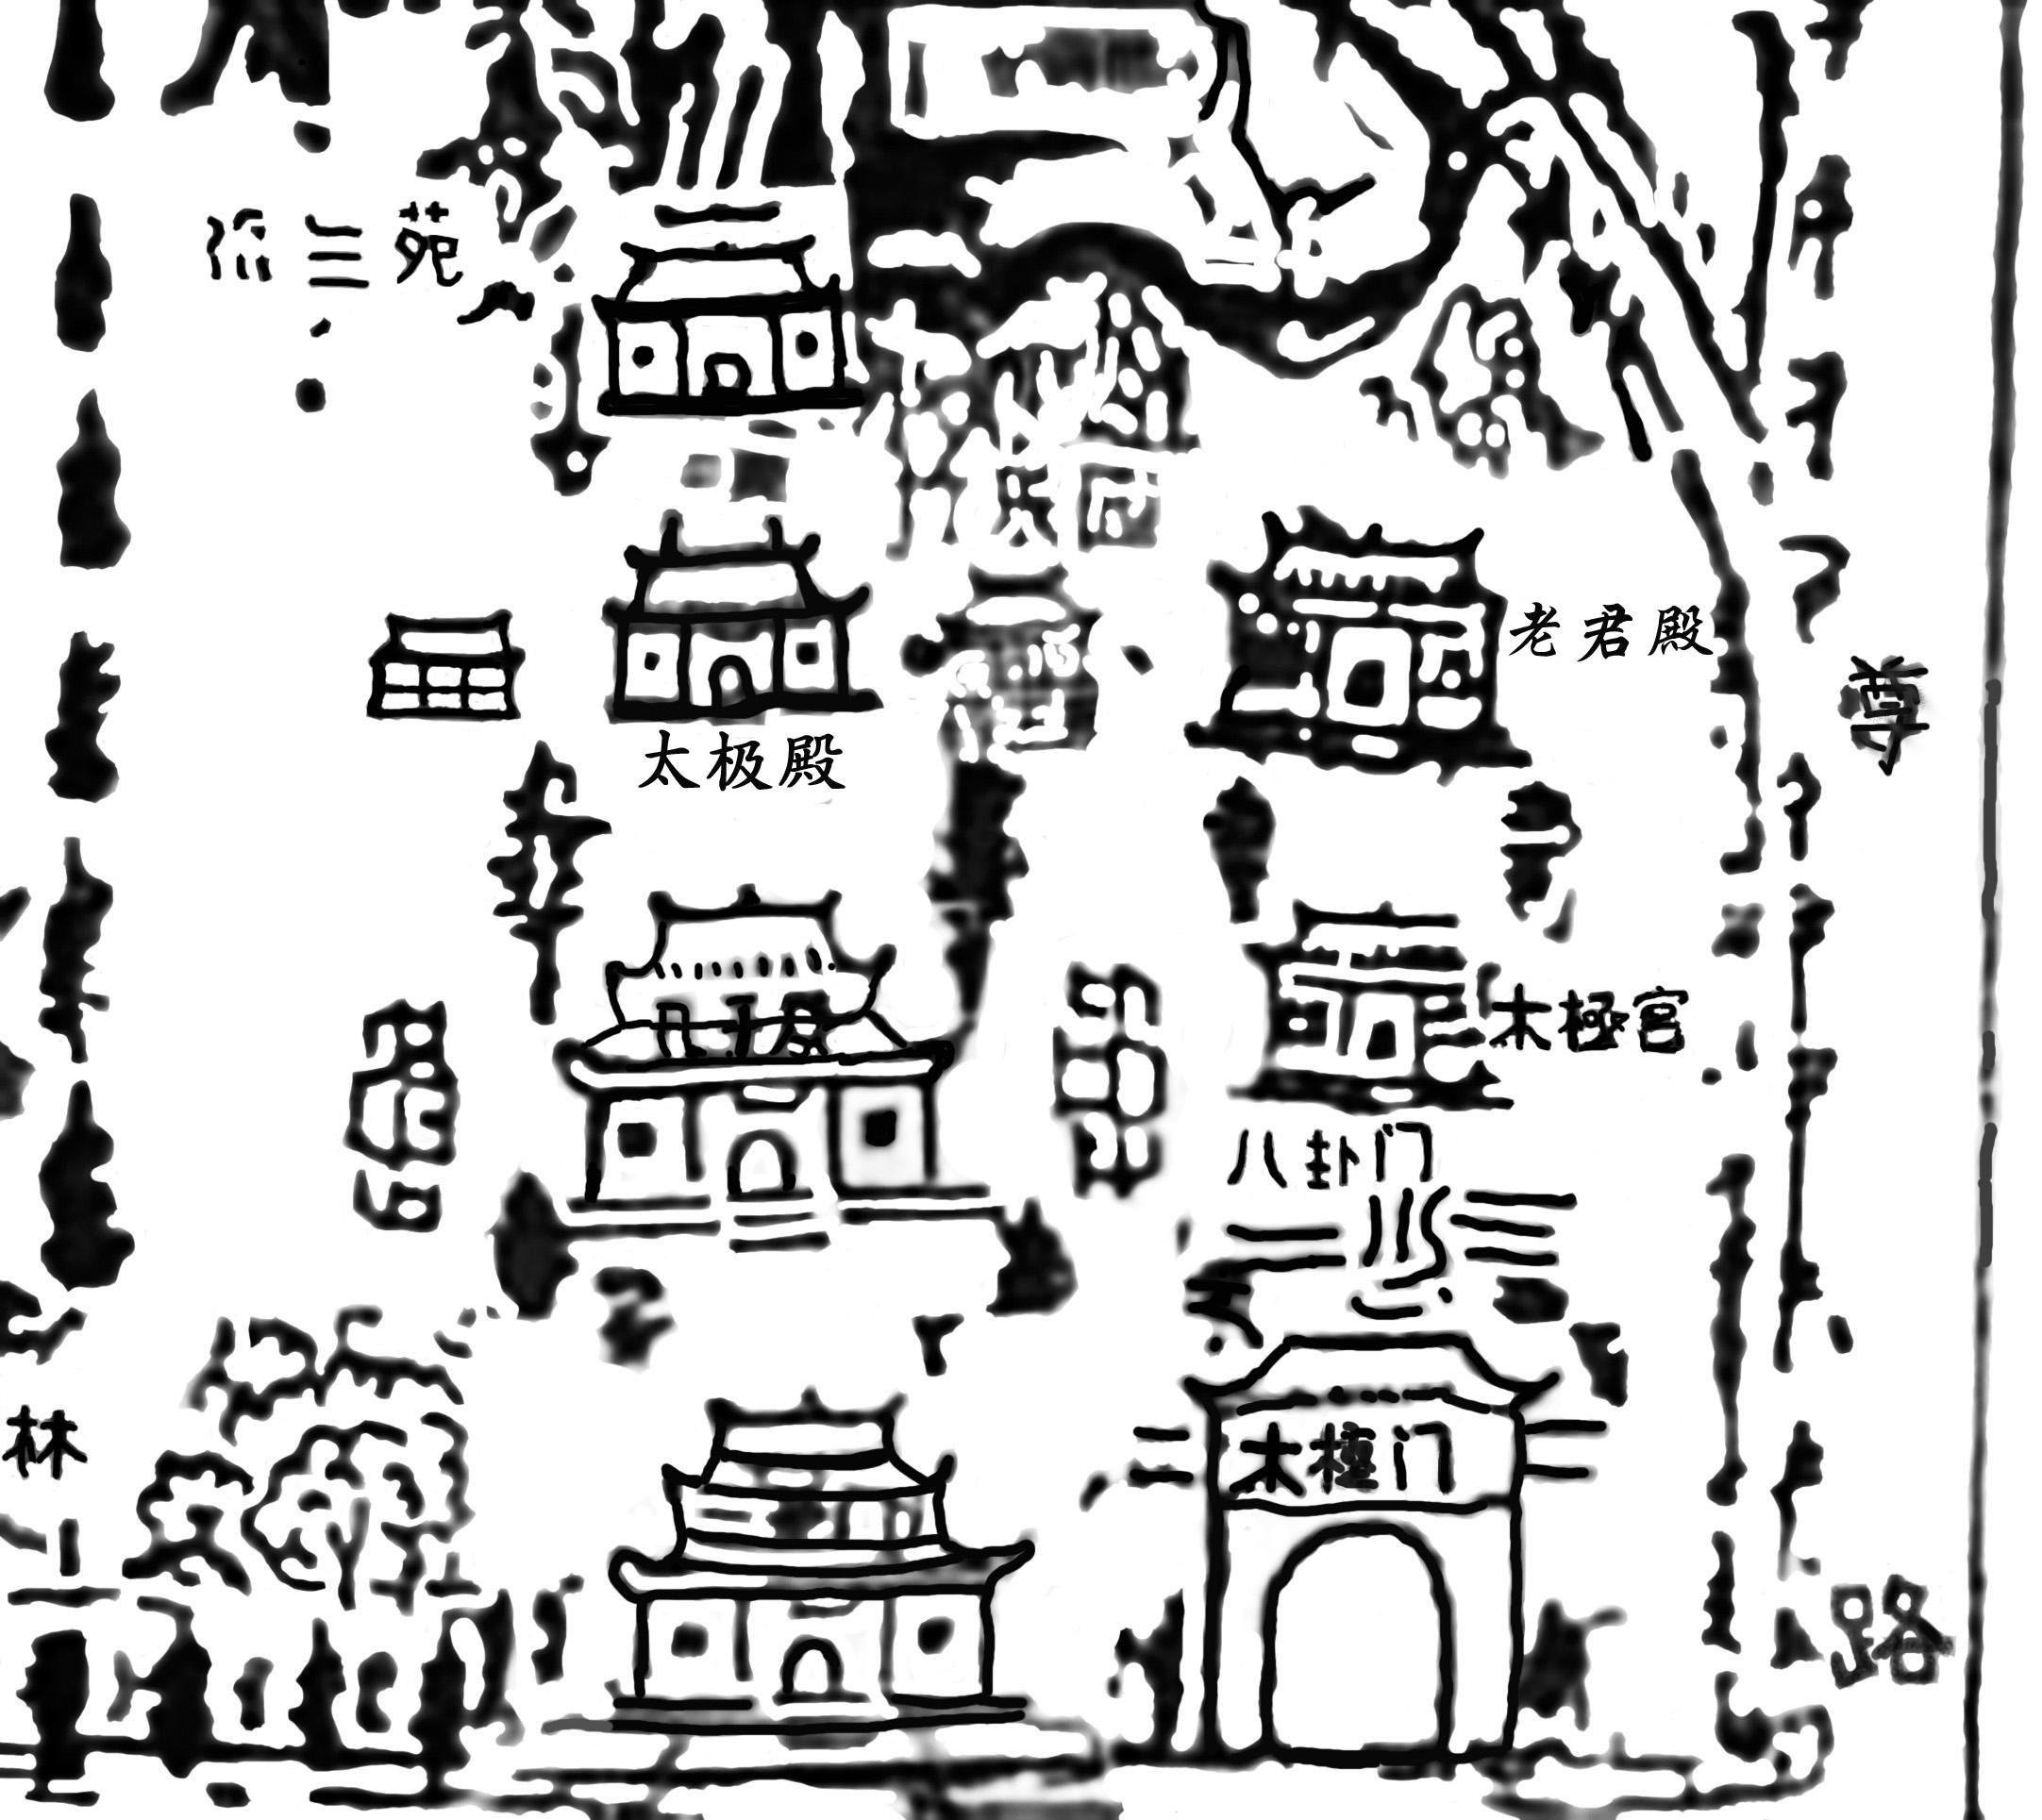 kort-taiji-temple-300-rettet-nye-tegn